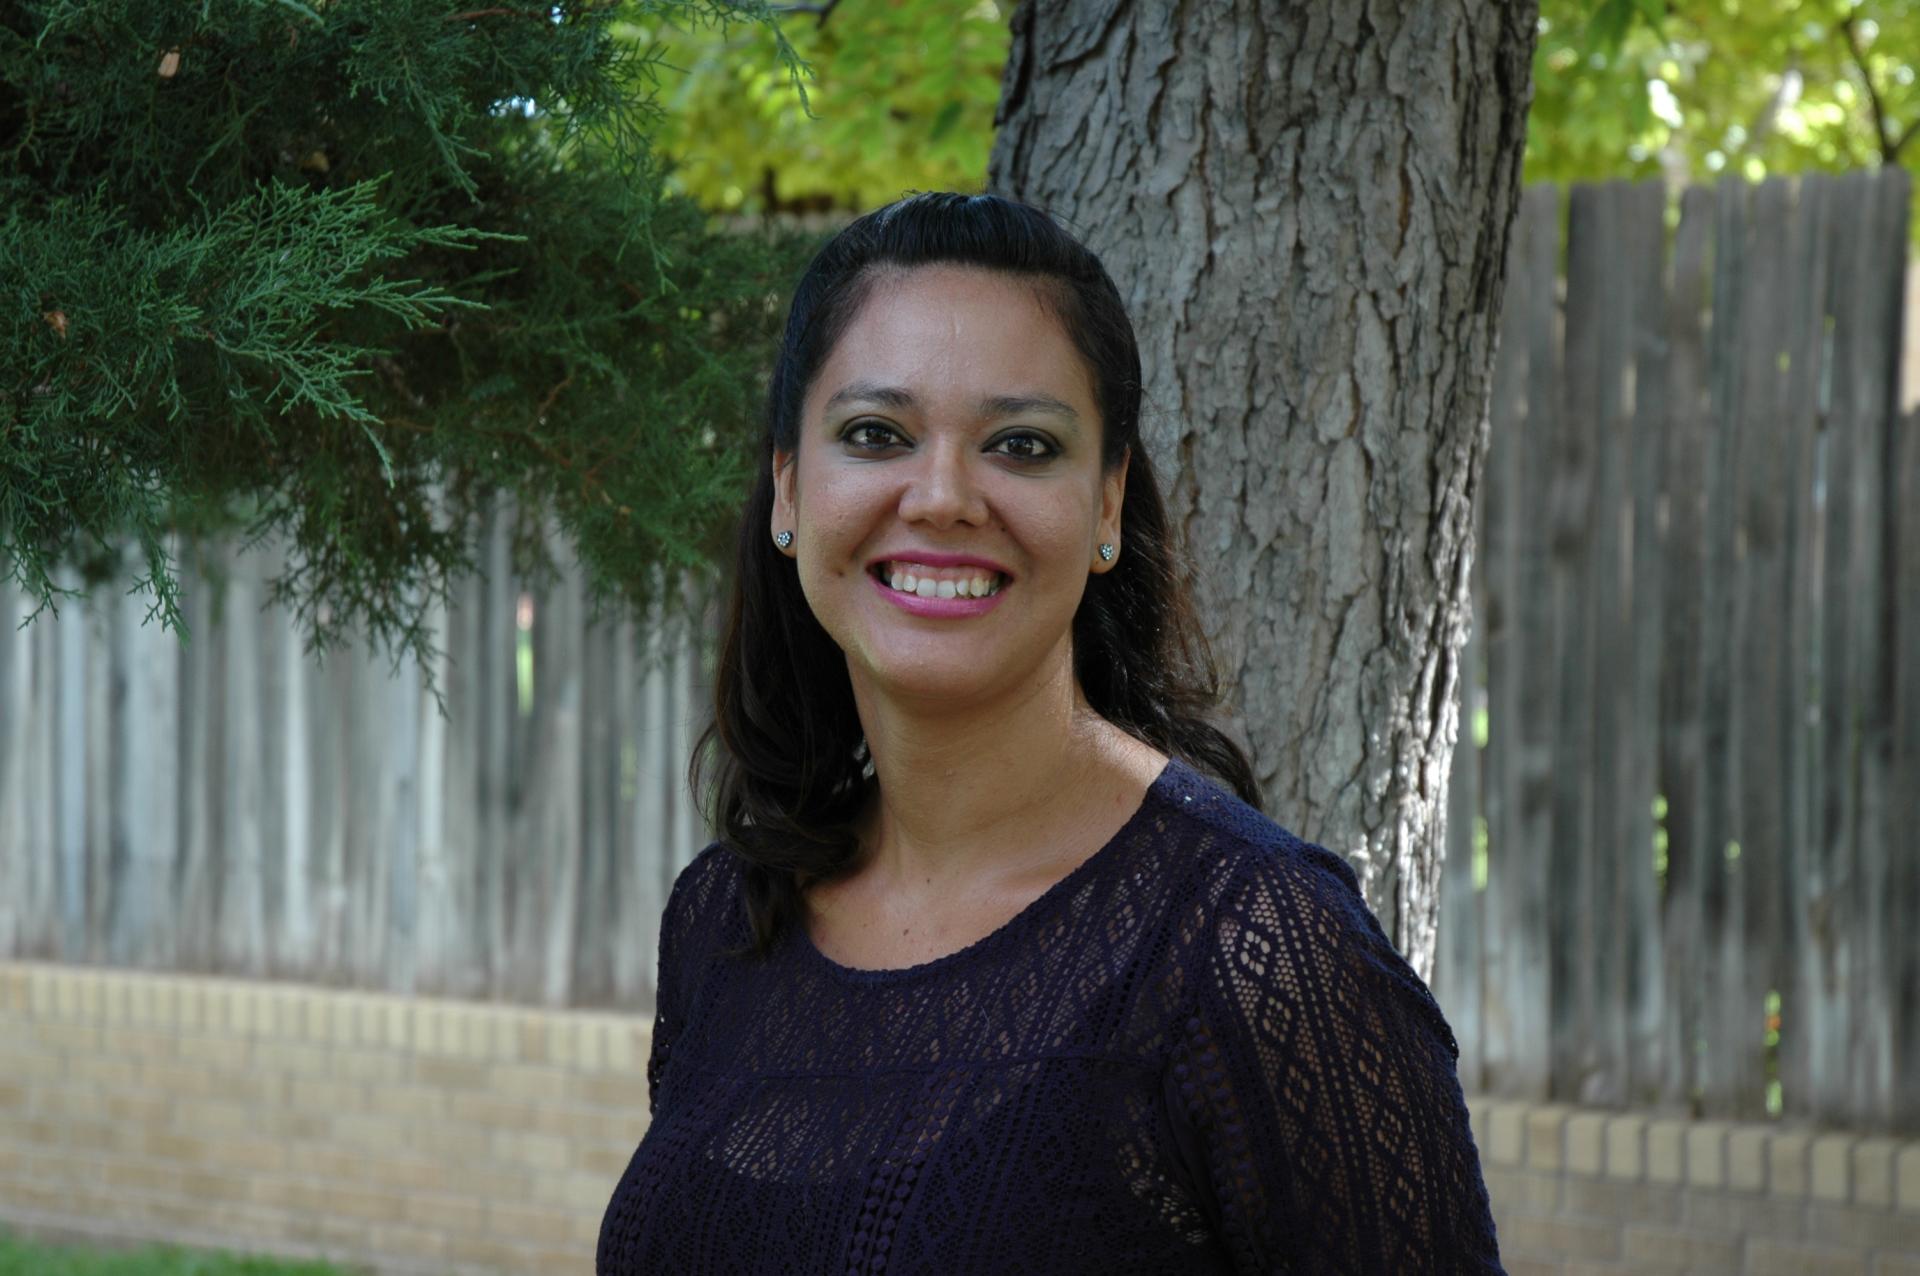 Teresa Blyze